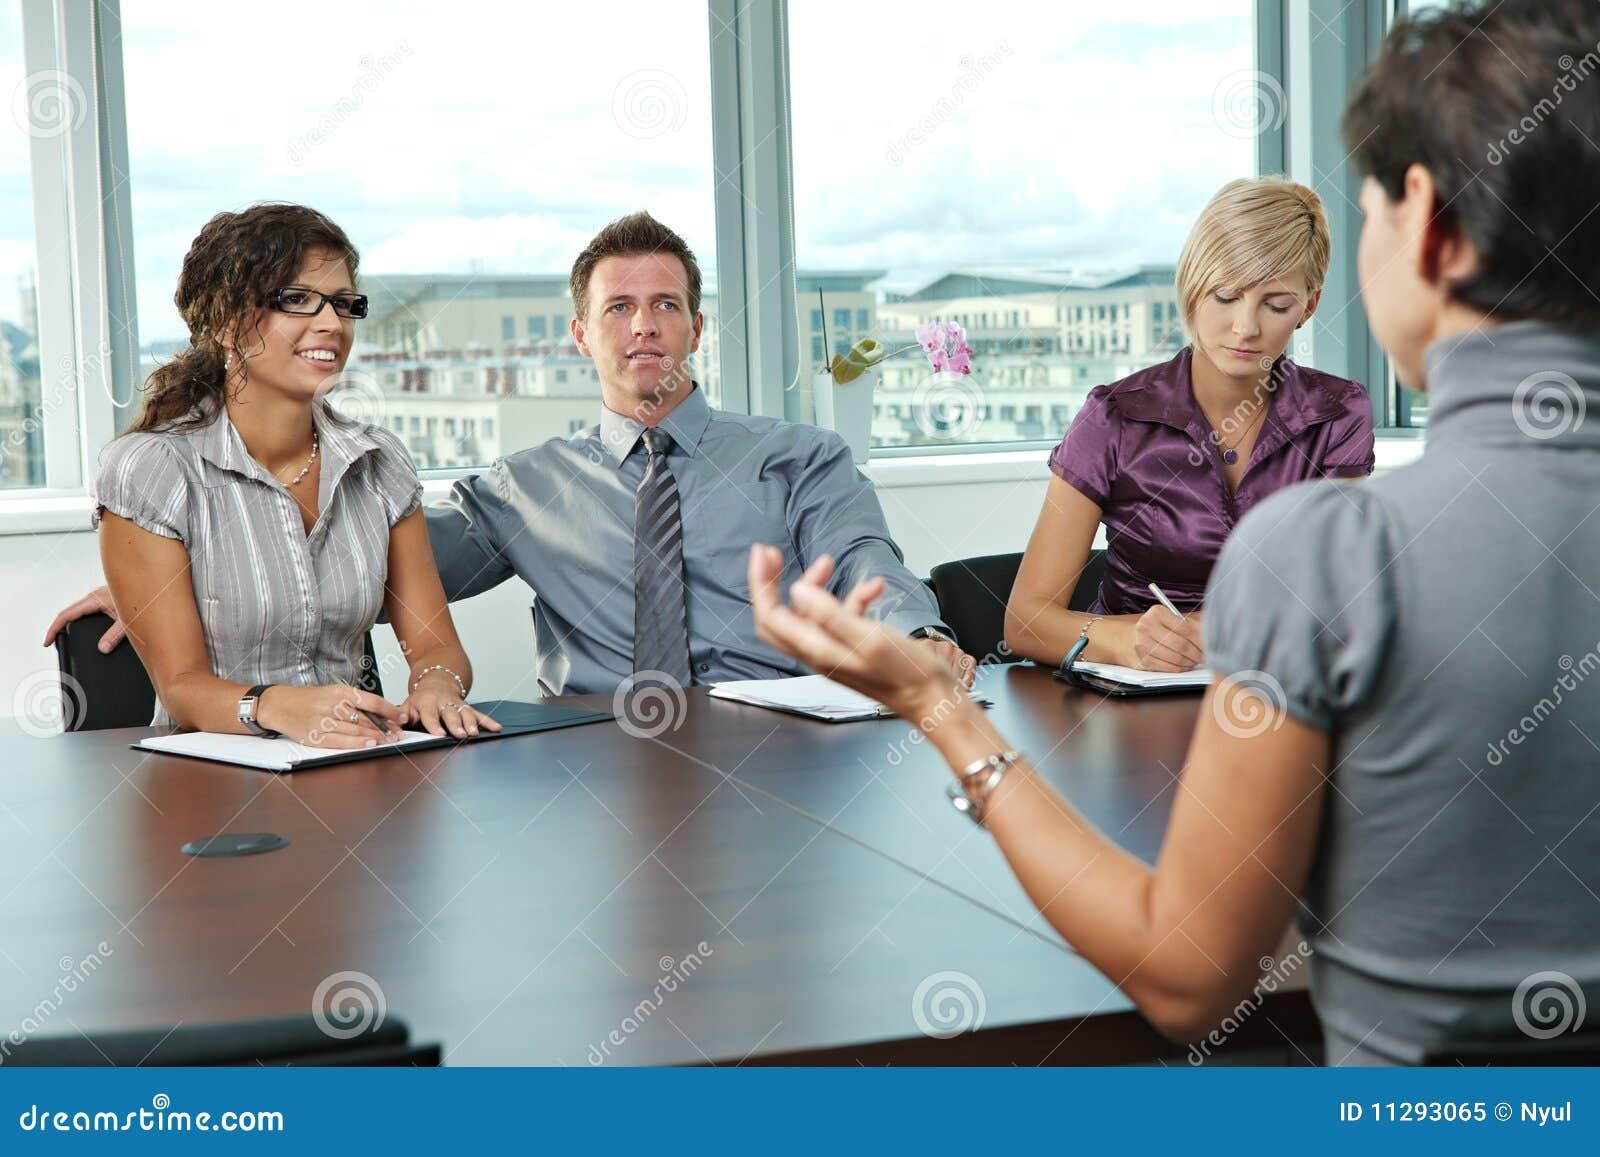 Επιχειρηματίες στη συνέντευξη εργασίας